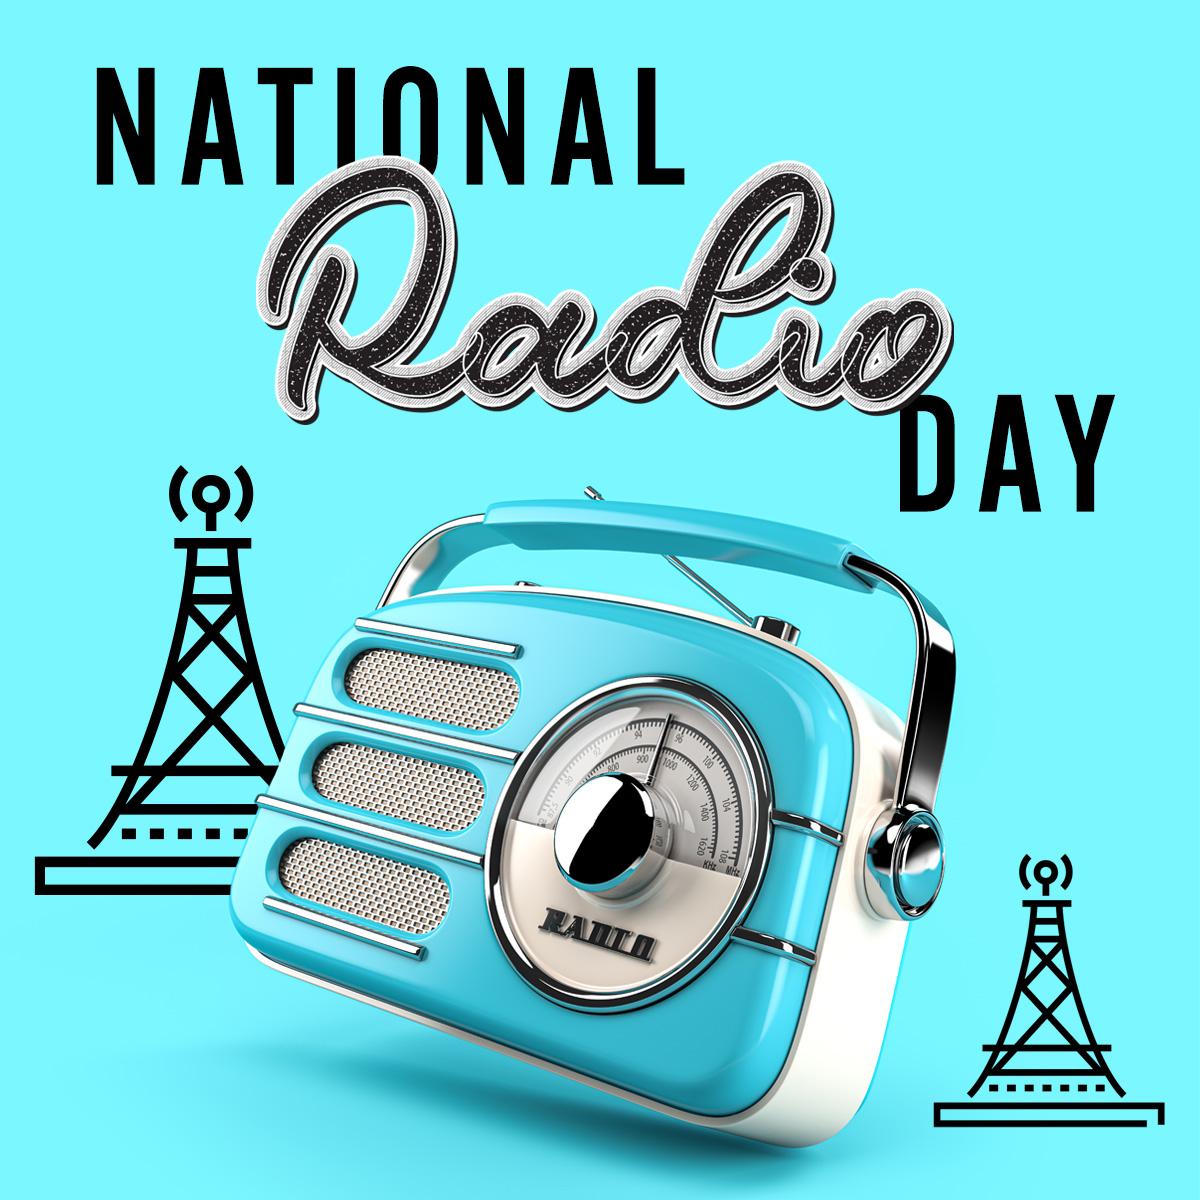 Happy #NationalRadioDay! 📻🎶